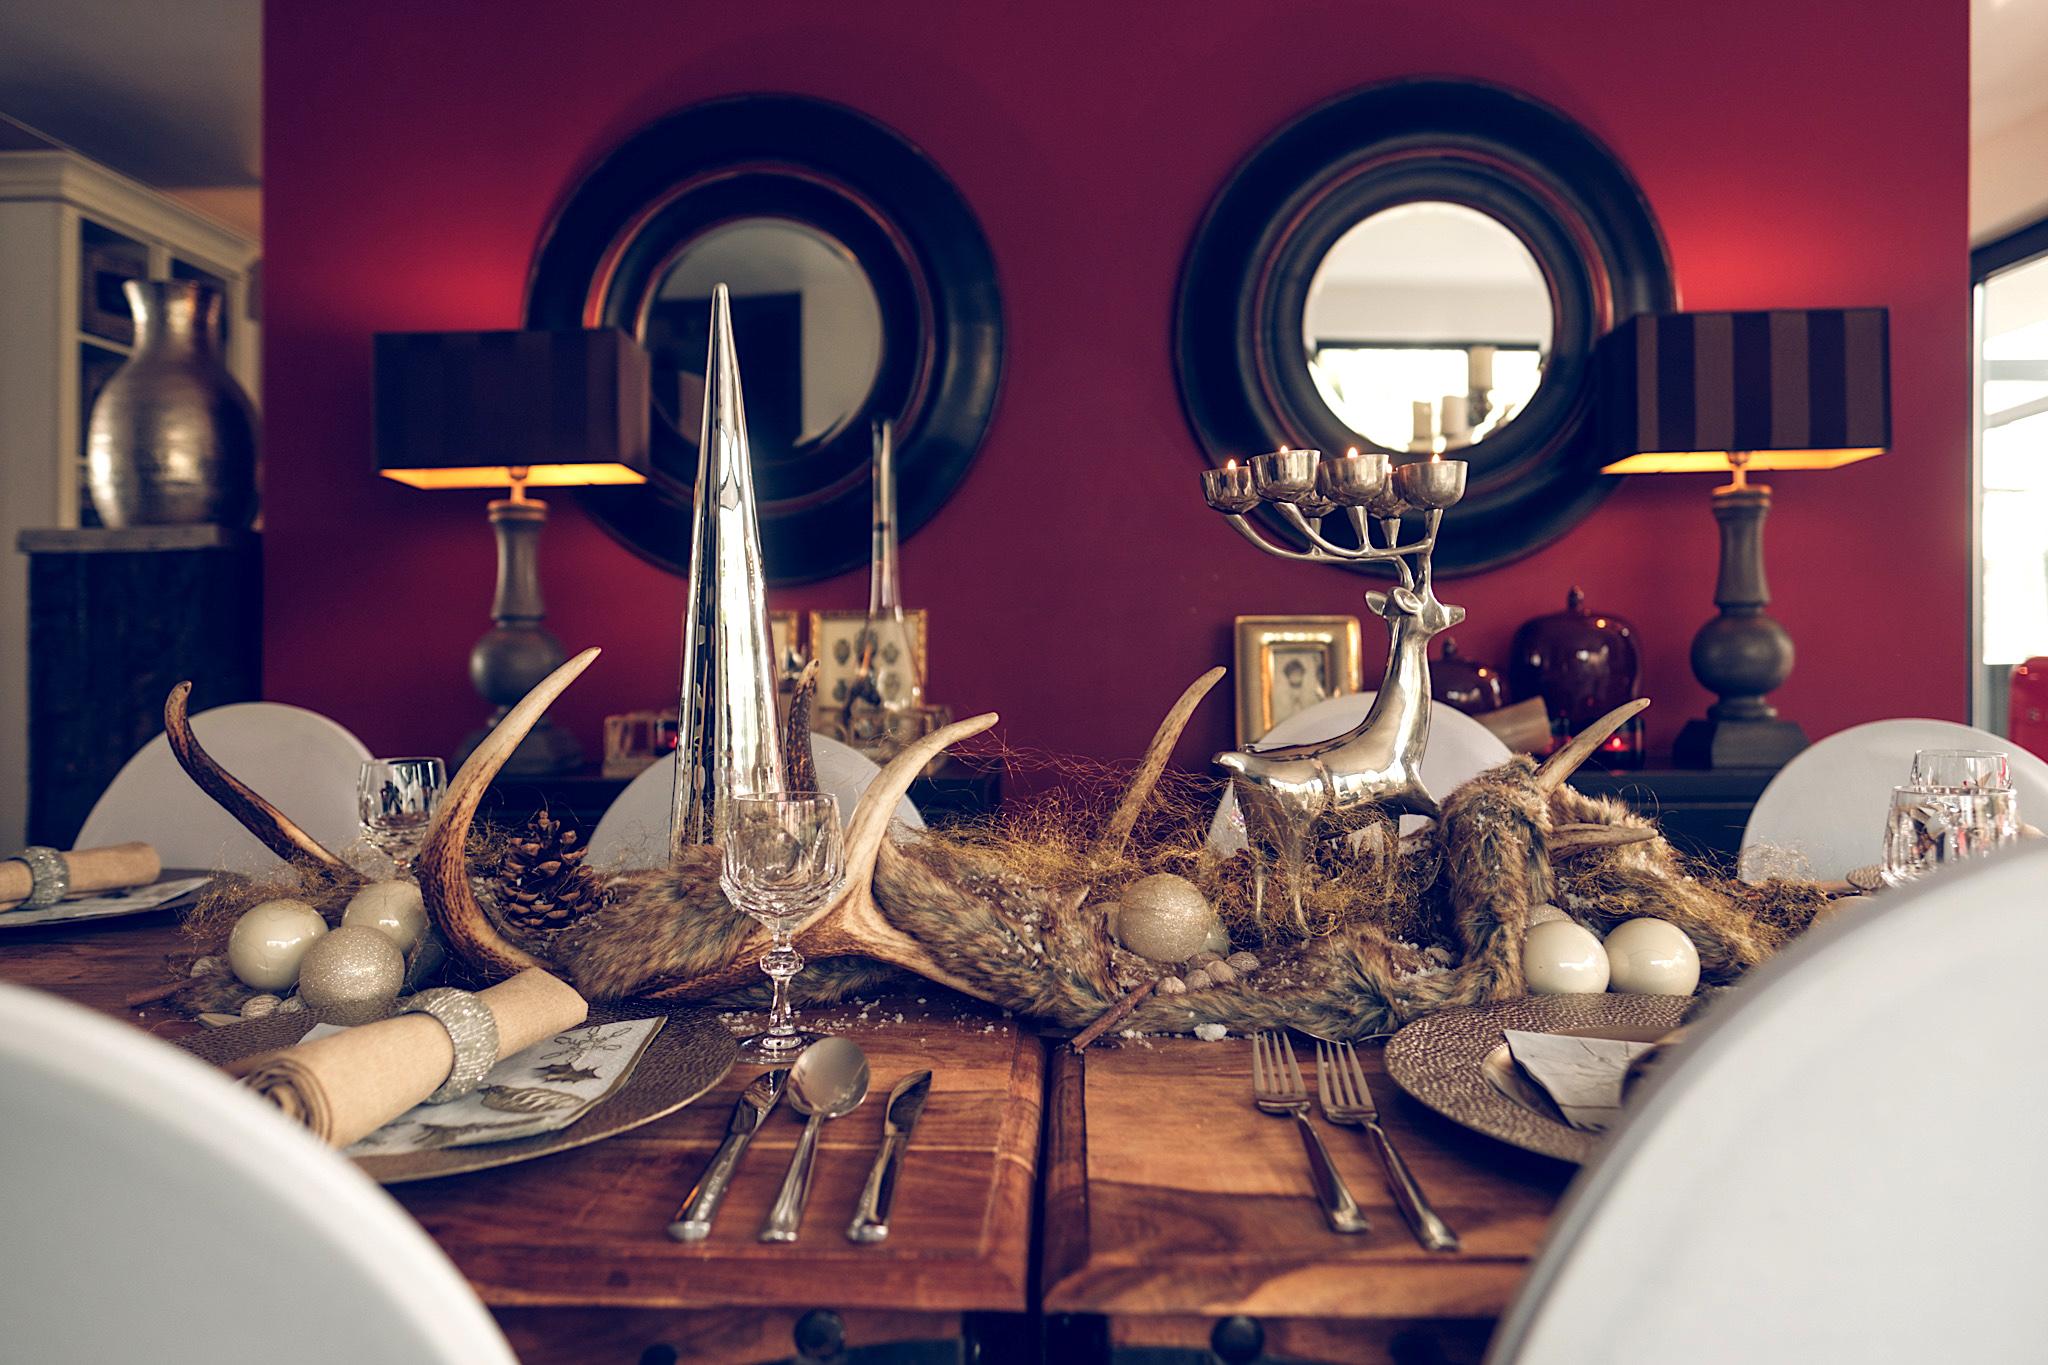 Besondere weihnachtsliche Tischdekoration, tolle weihnachtliche Tischdekoration, weihnachtliche Tischdekoration,, Della Casa Jacqueline Körner, Lifestyle-Blog, Lieblingsstil.com, .jpg